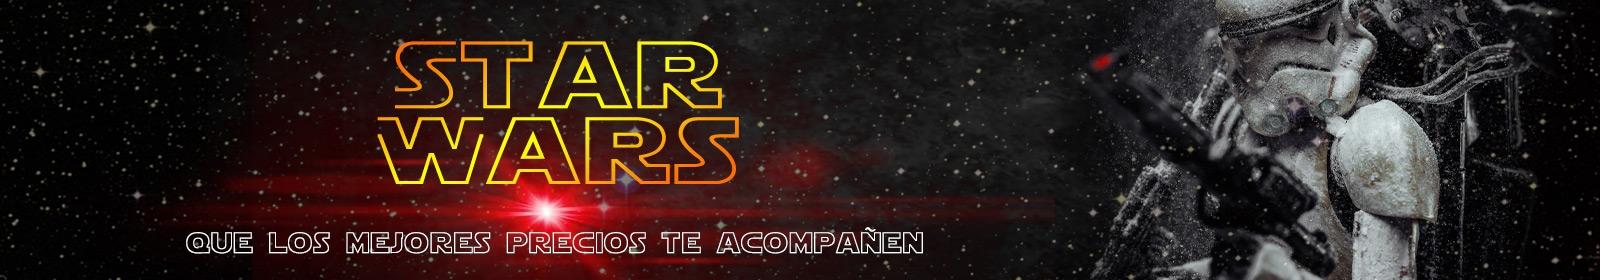 Comprar Star Wars online | Envios Gratis desde 49€